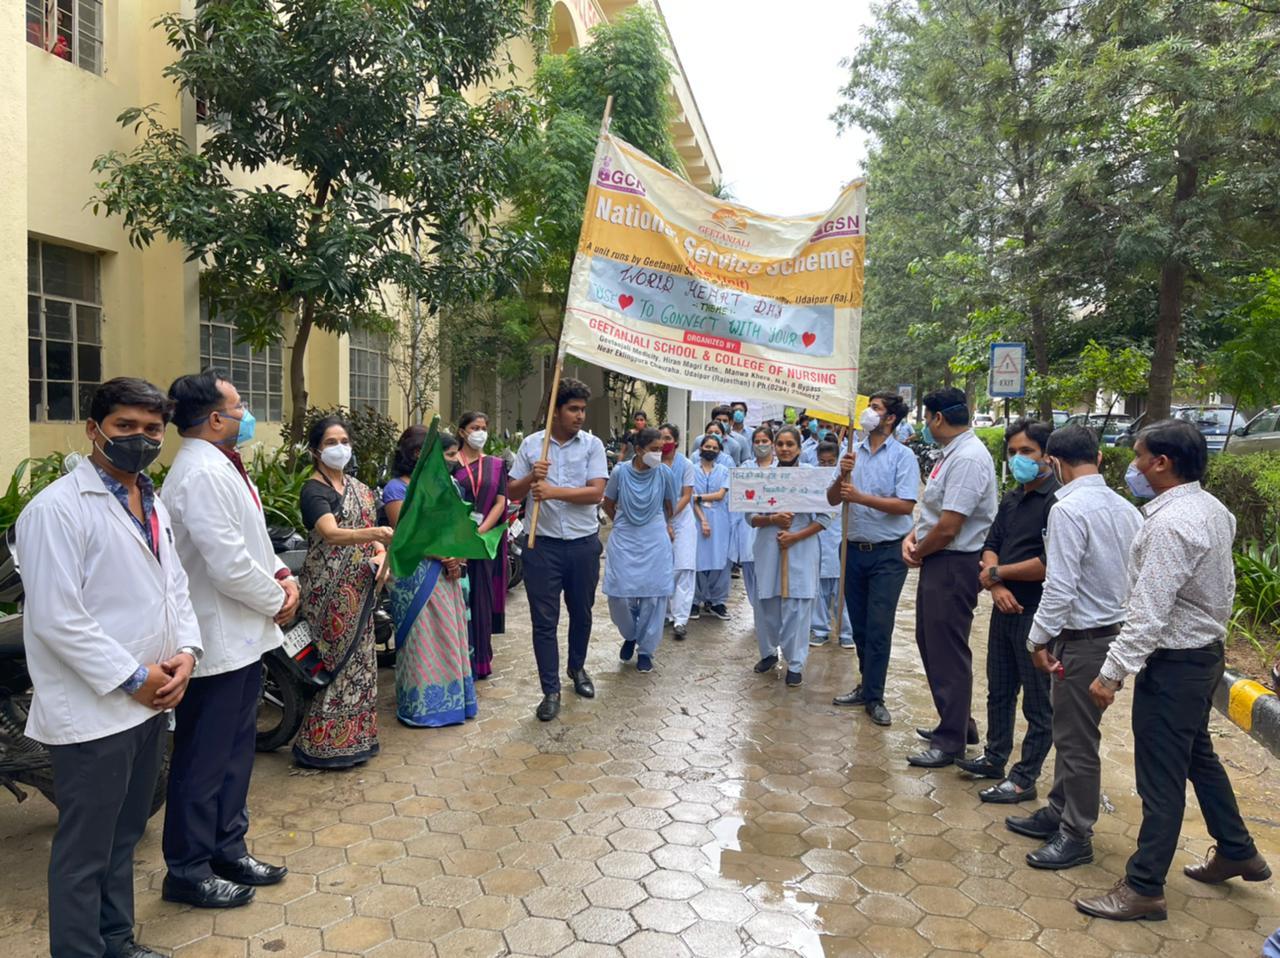 गीतांजली कॉलेज एवं स्कूल ऑफ नर्सिंग के बीएससी ओर जीएनएम् के नर्सिंग छात्रों ने मनाया विश्व हृदय दिवस